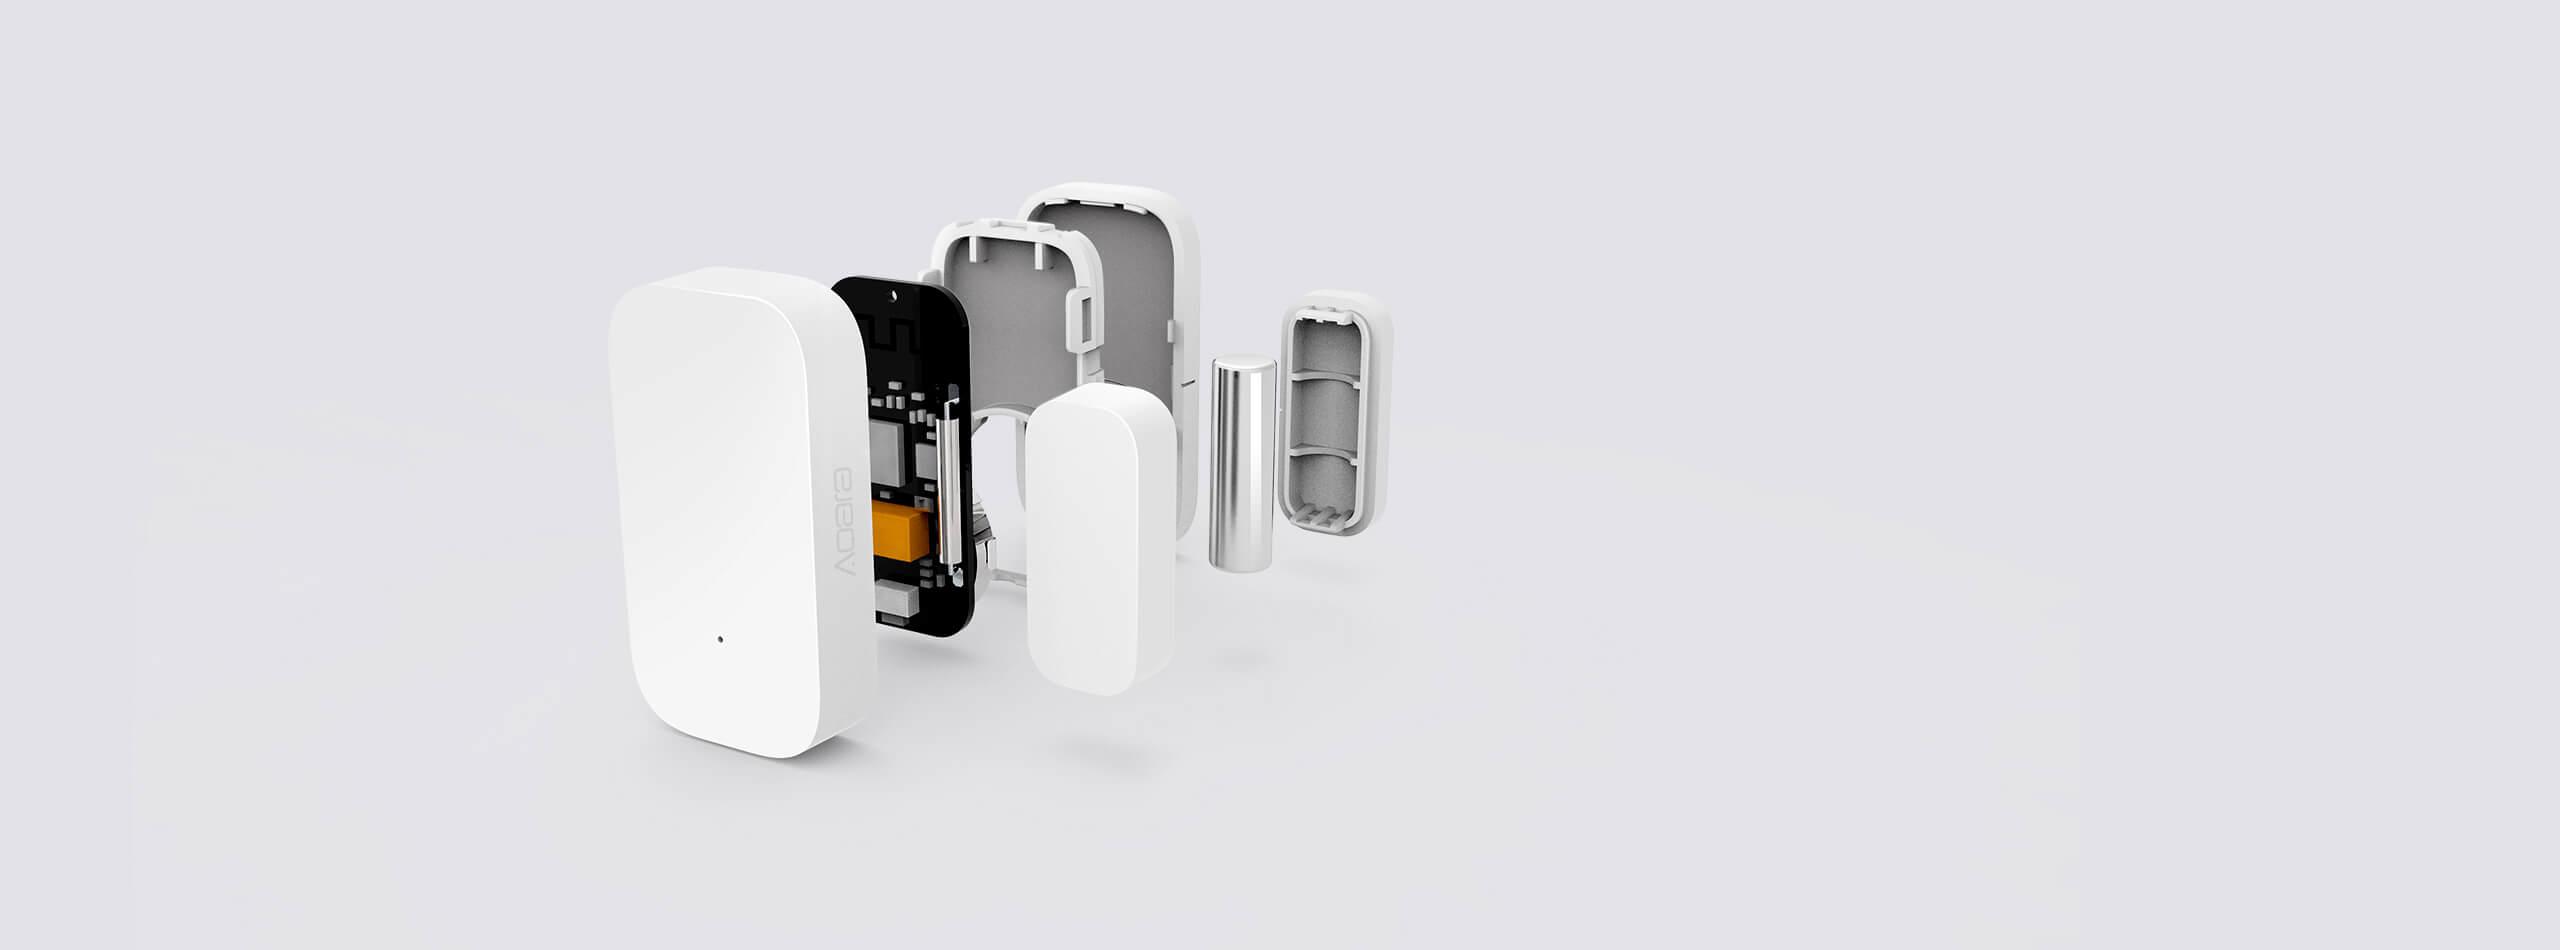 Aqara 门窗传感器 - 高品质工艺